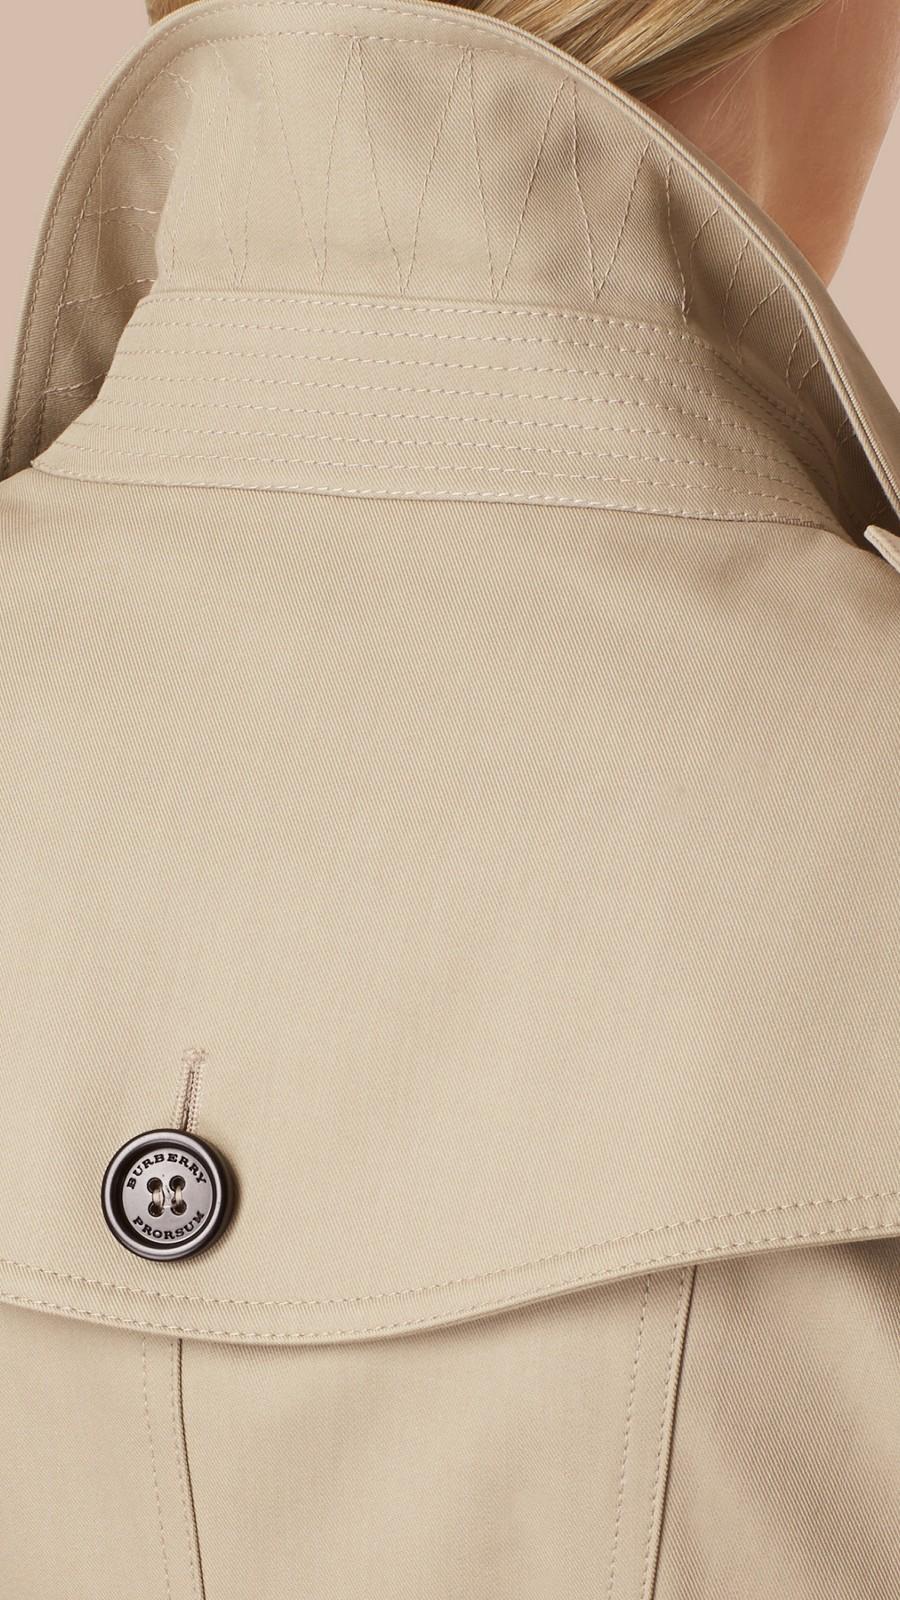 Trench Trench-coat en double sergé de coton - Image 5